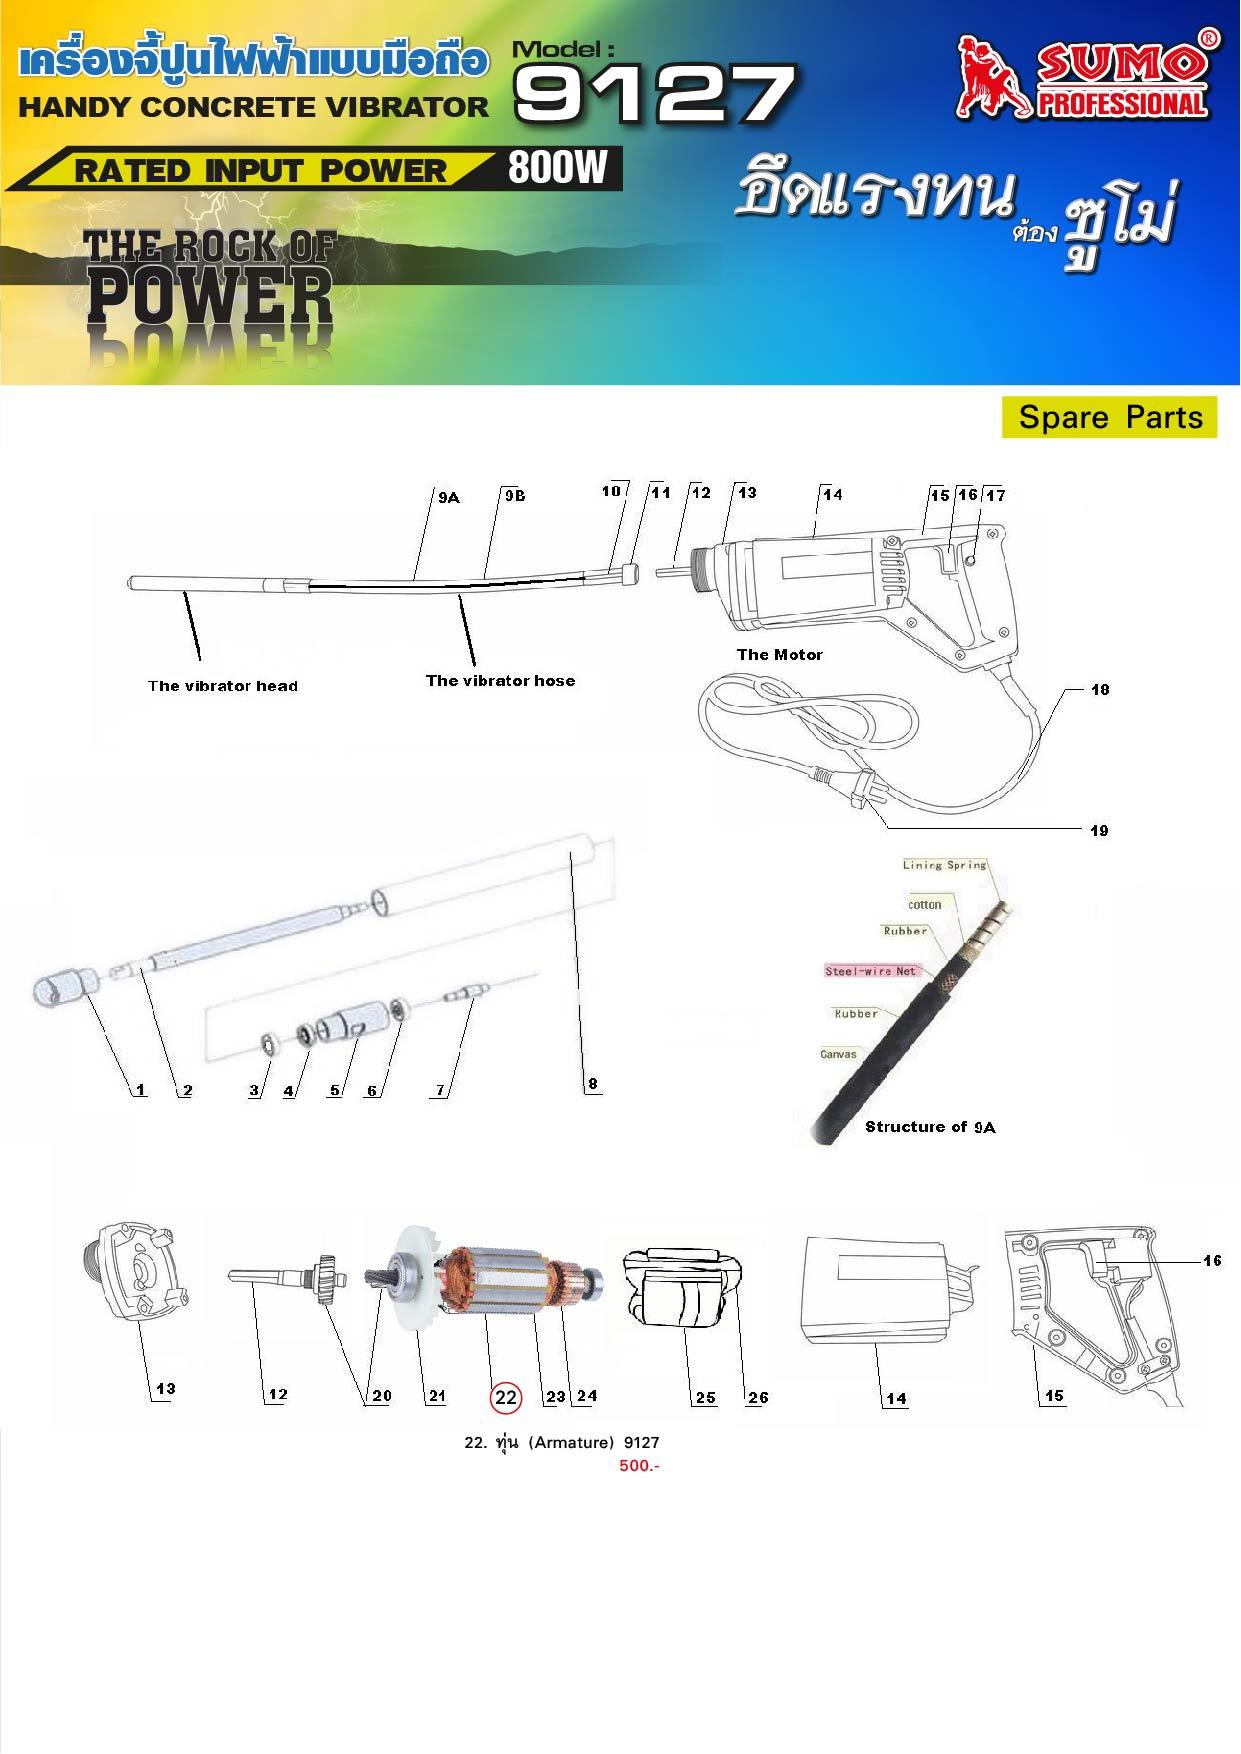 (112/305) เครื่องจี้ปูนไฟฟ้า 9127